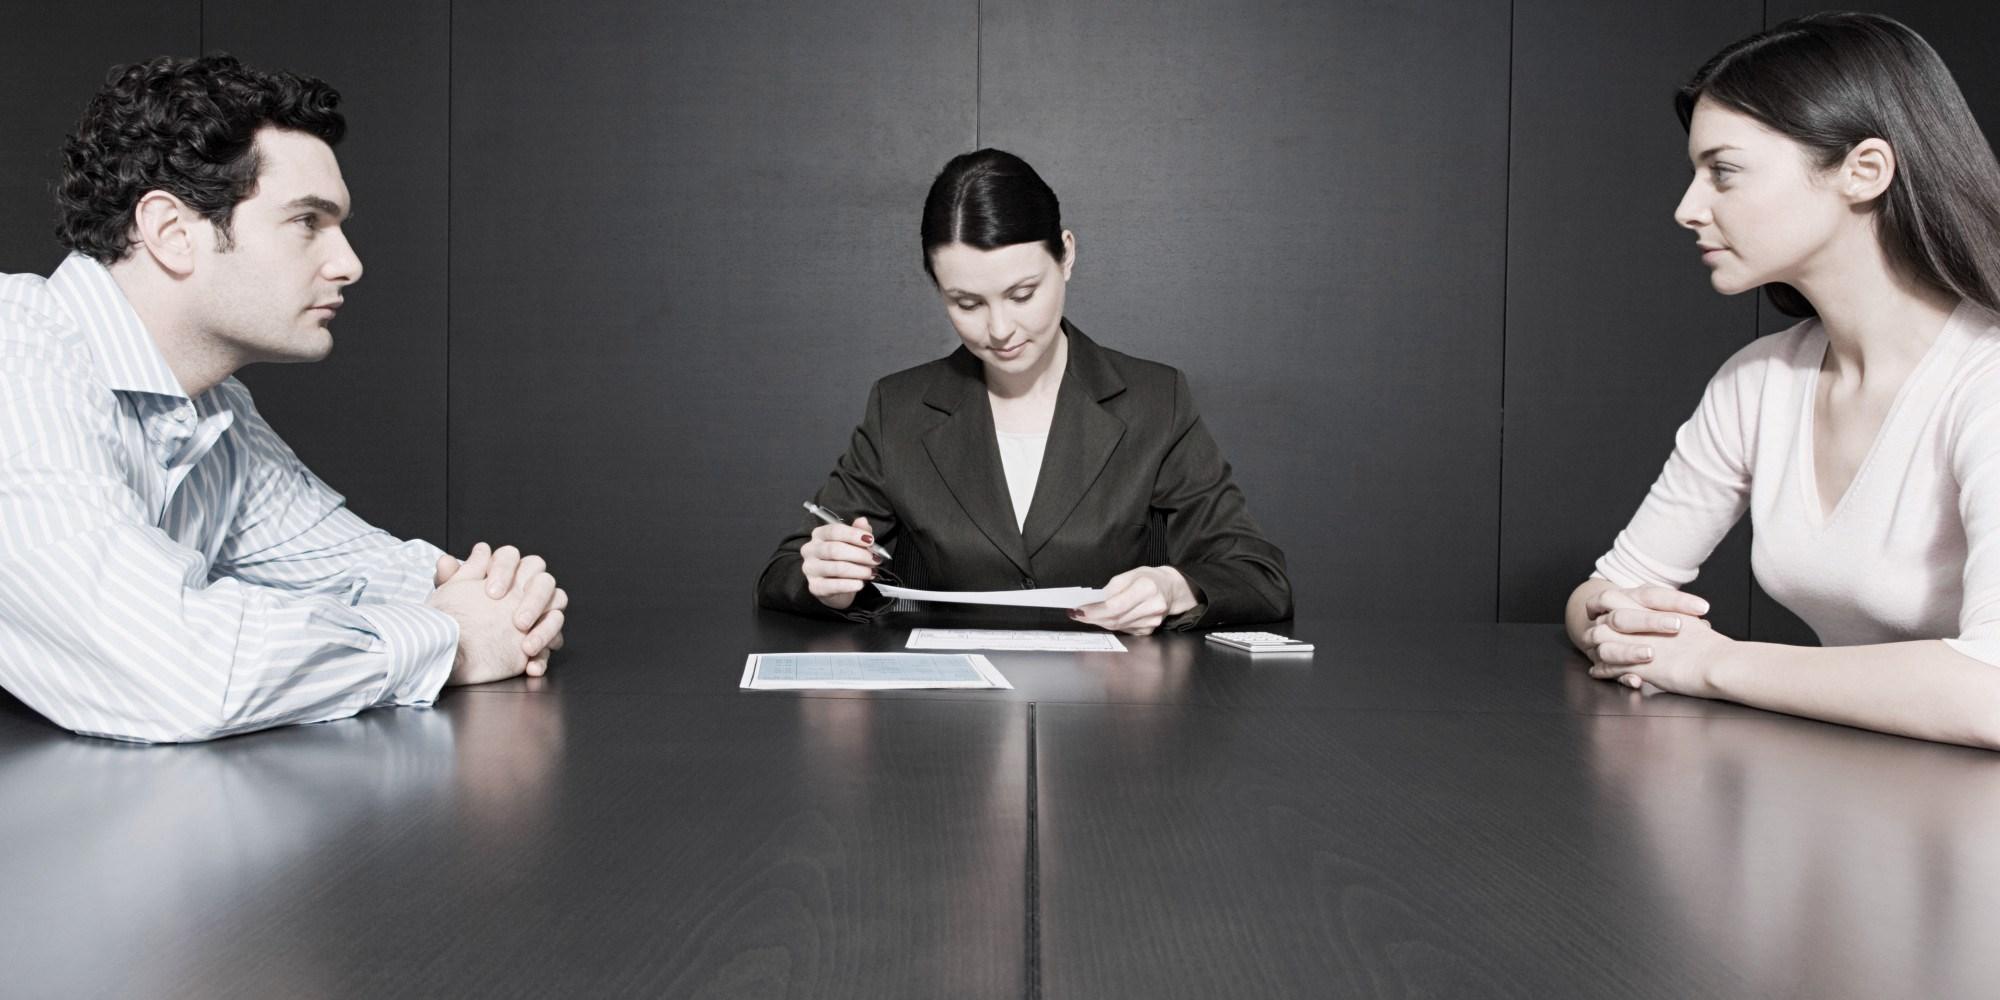 rozwody adwokat rozwodowy bydgoszcz torun ROZWODY